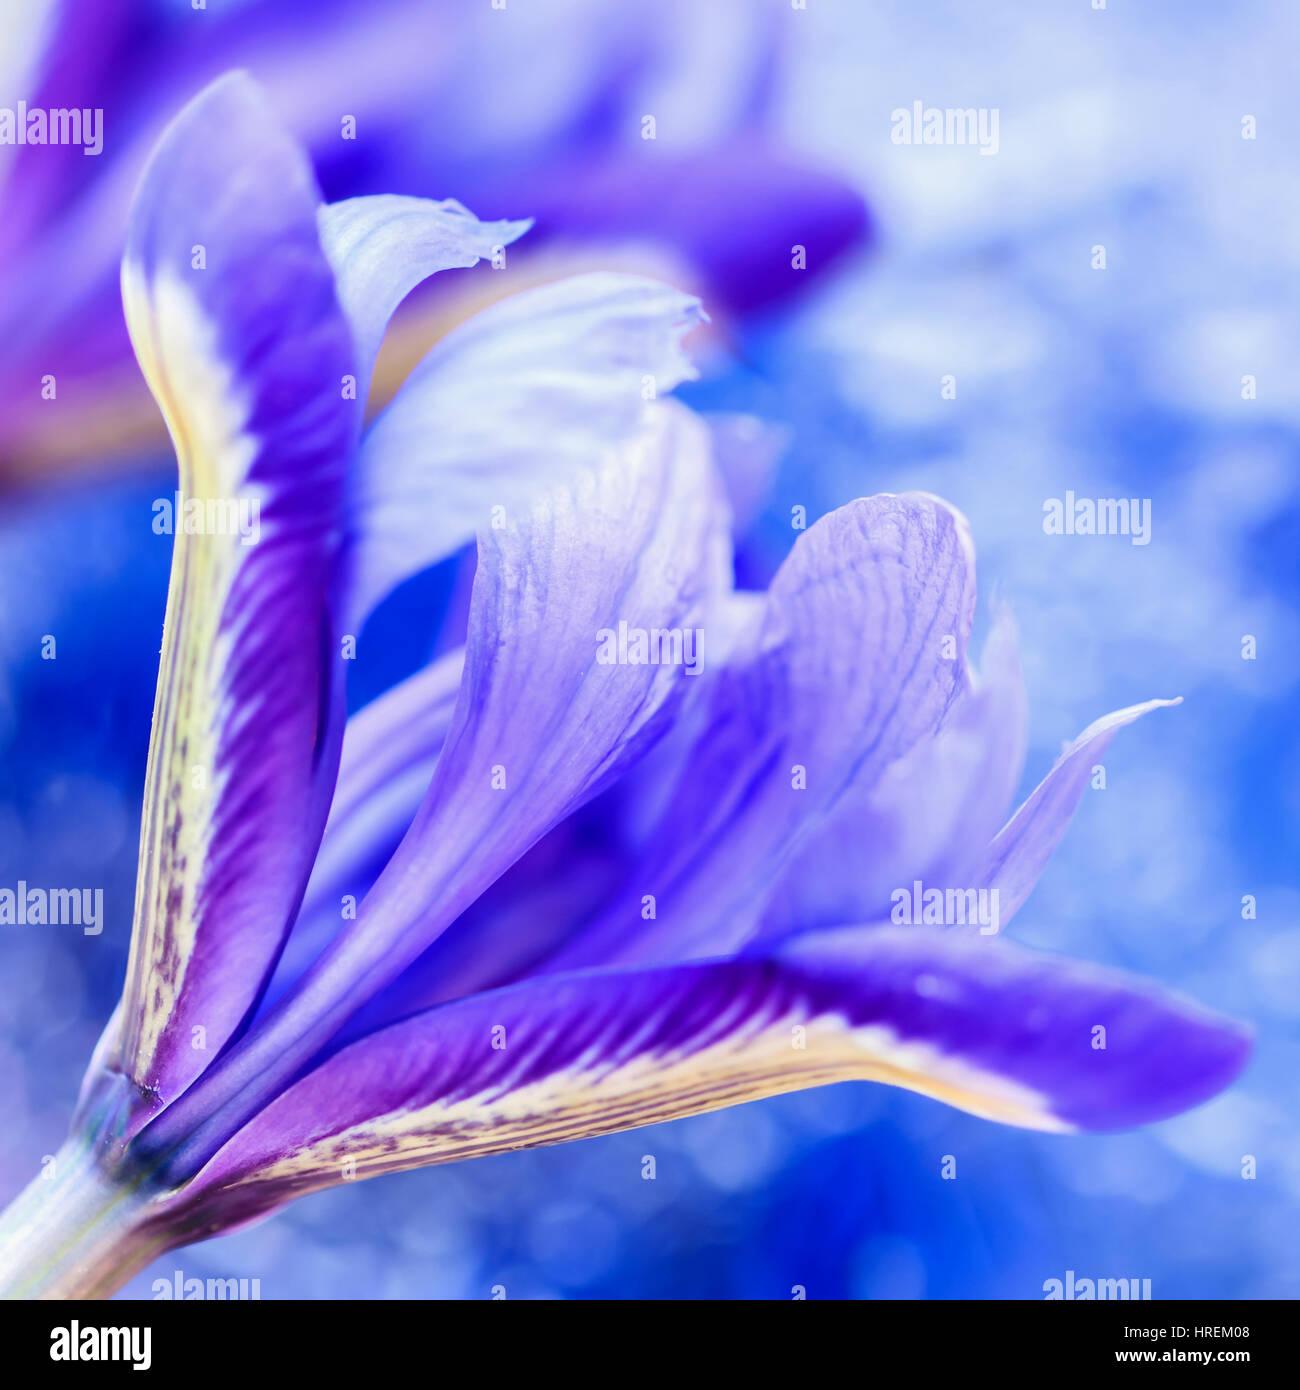 Appariscente Pittoresco Luminose Iris Fiore Su Sfondo Blu Floral